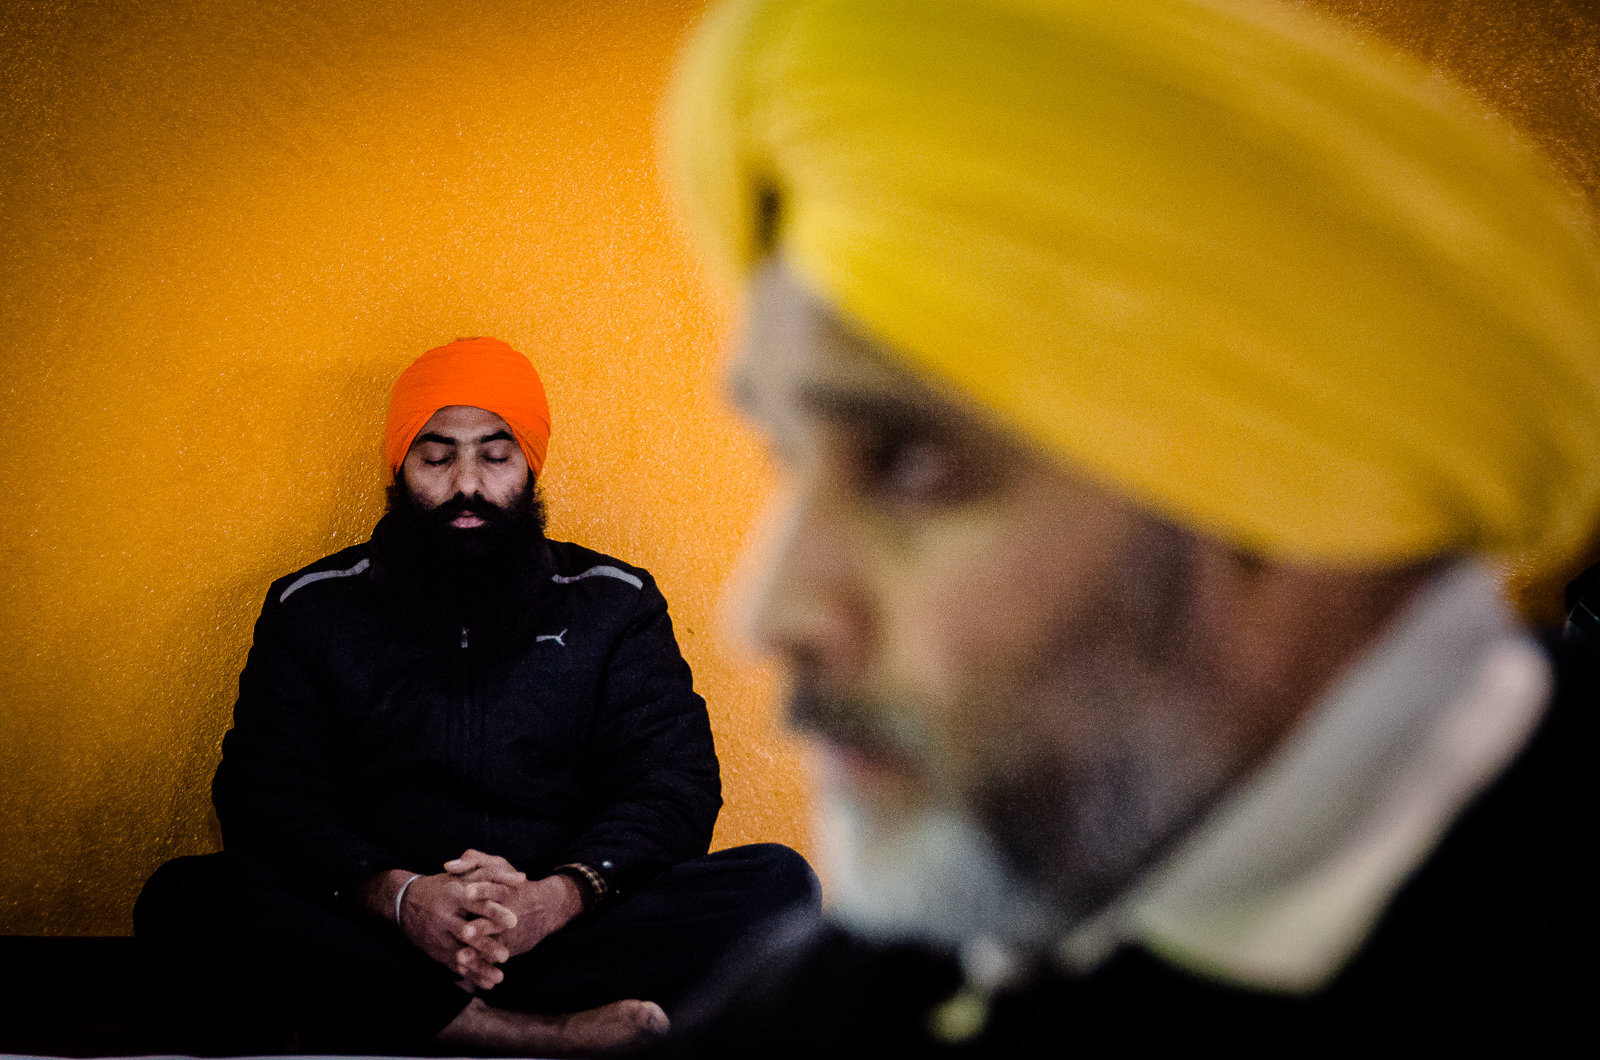 0004_20120414_Sikh_0490.jpg